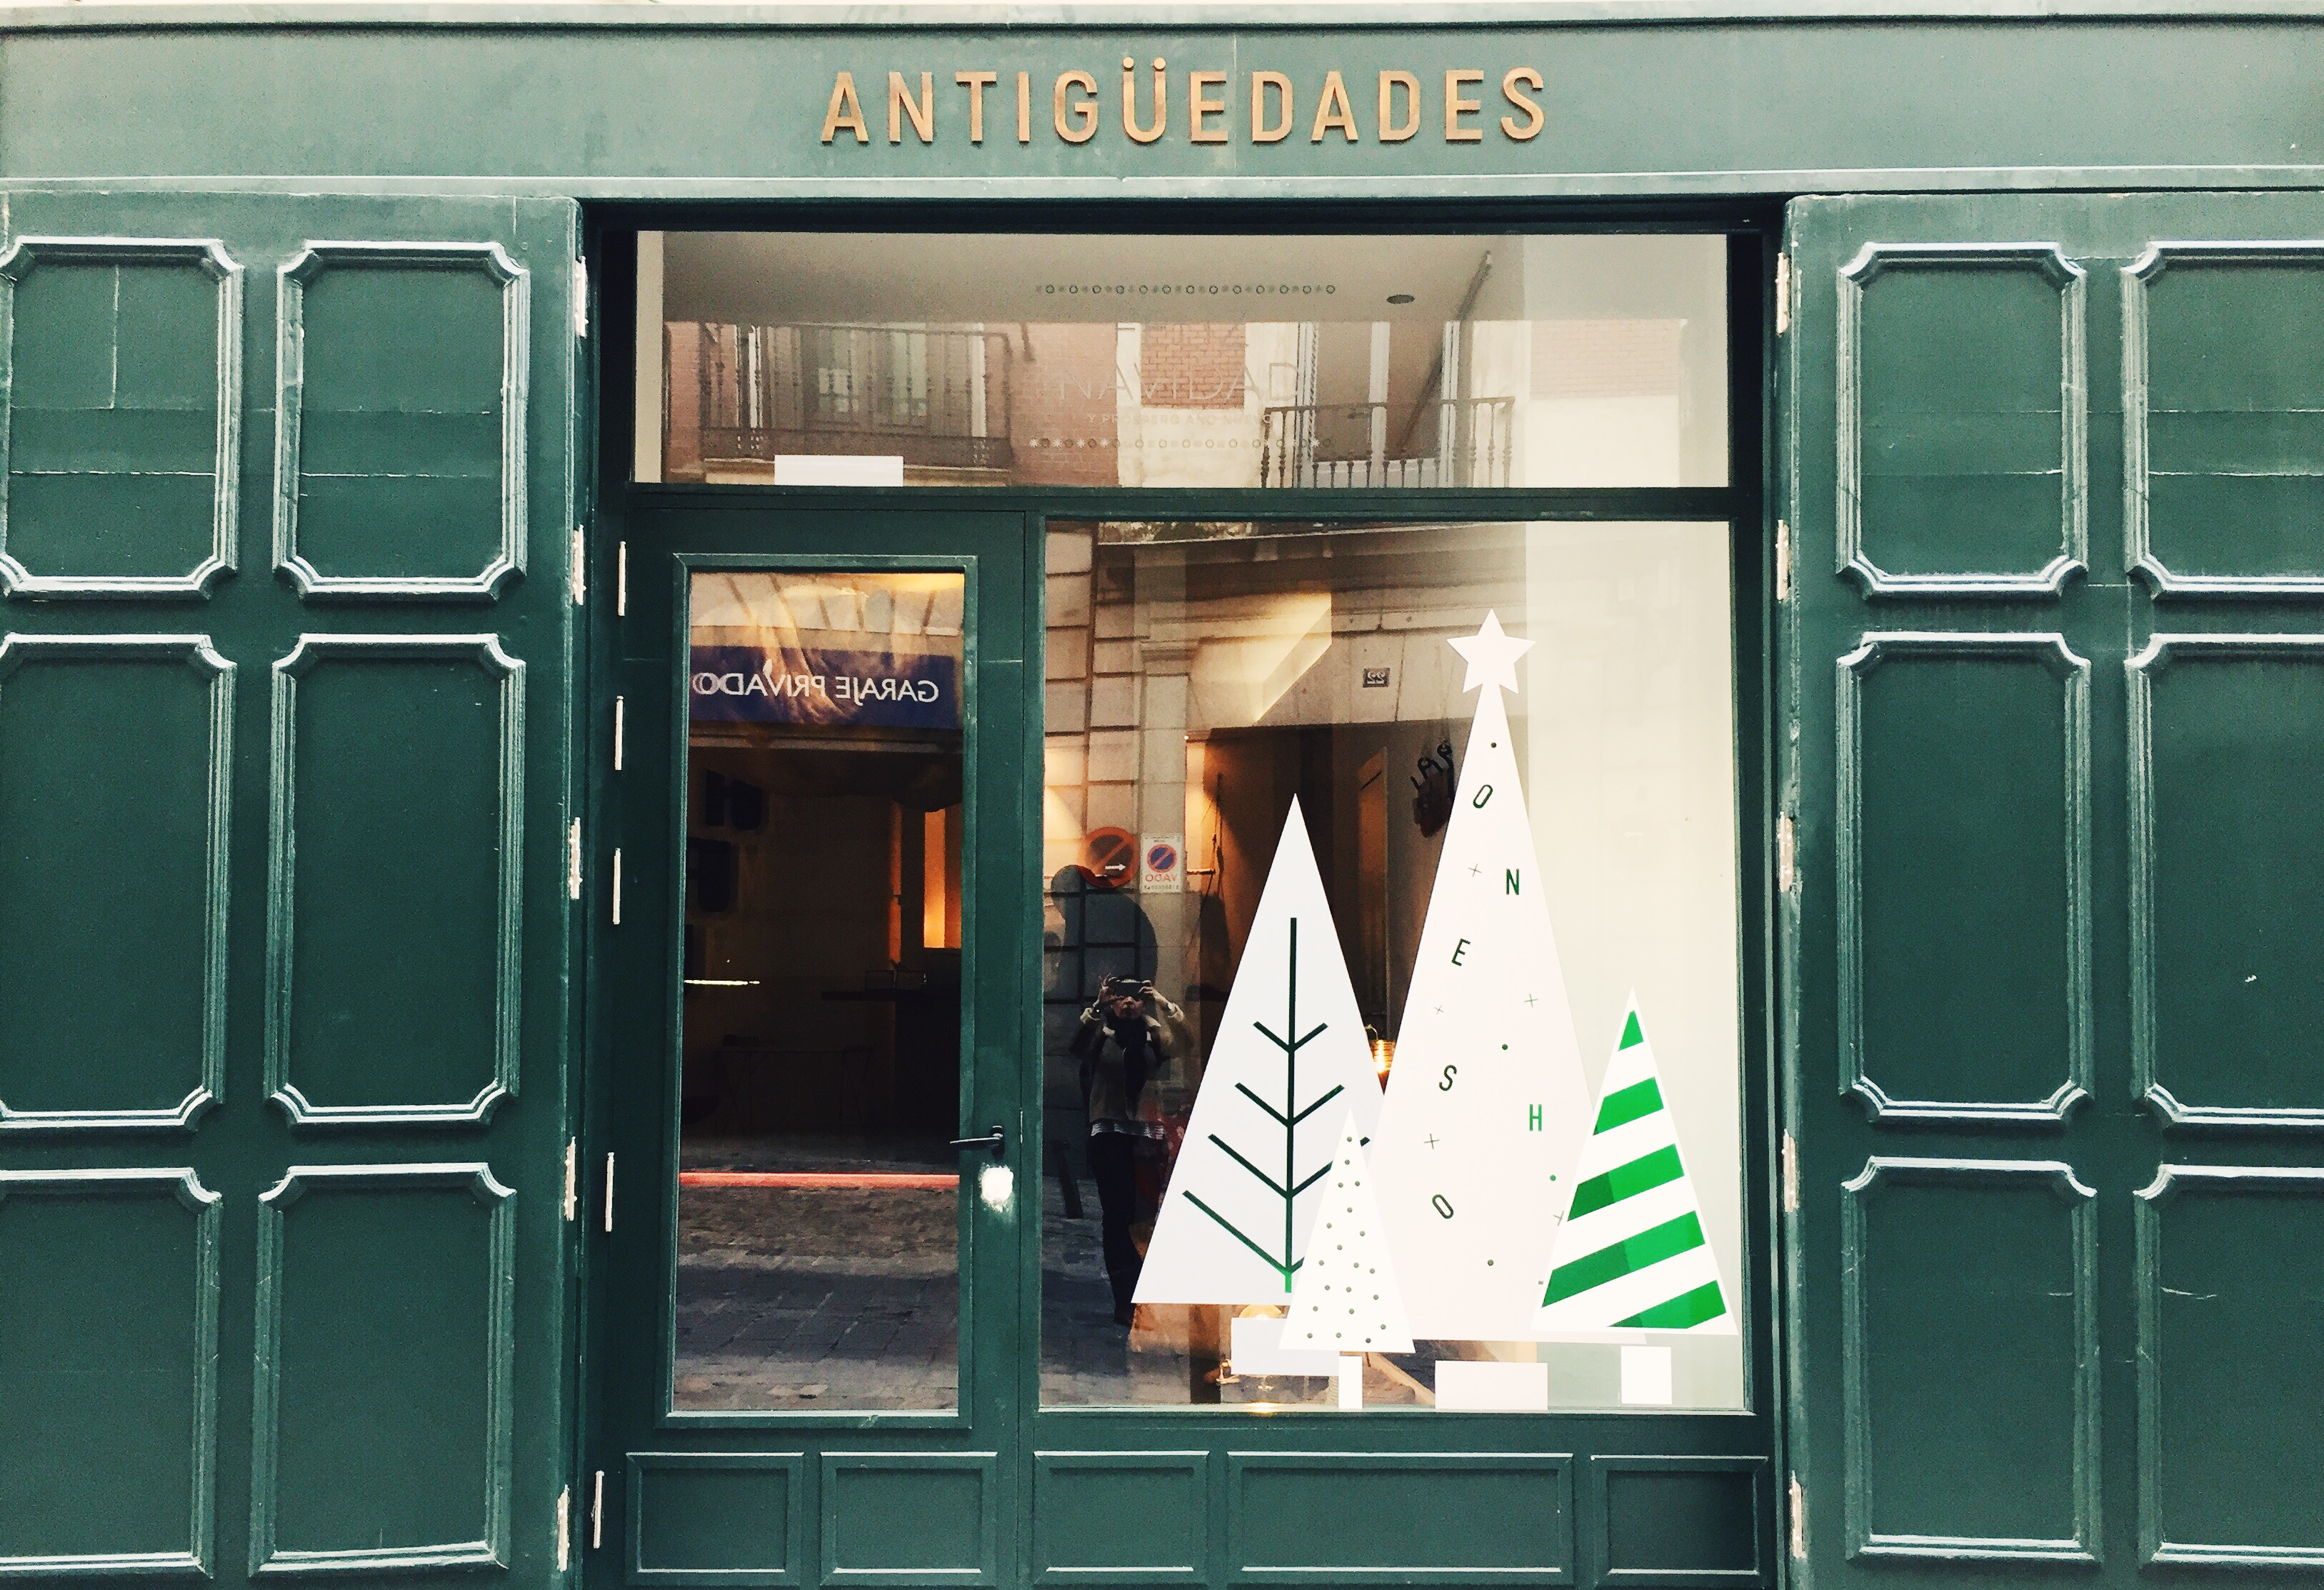 hotel chulo en madrid-11059-baballa